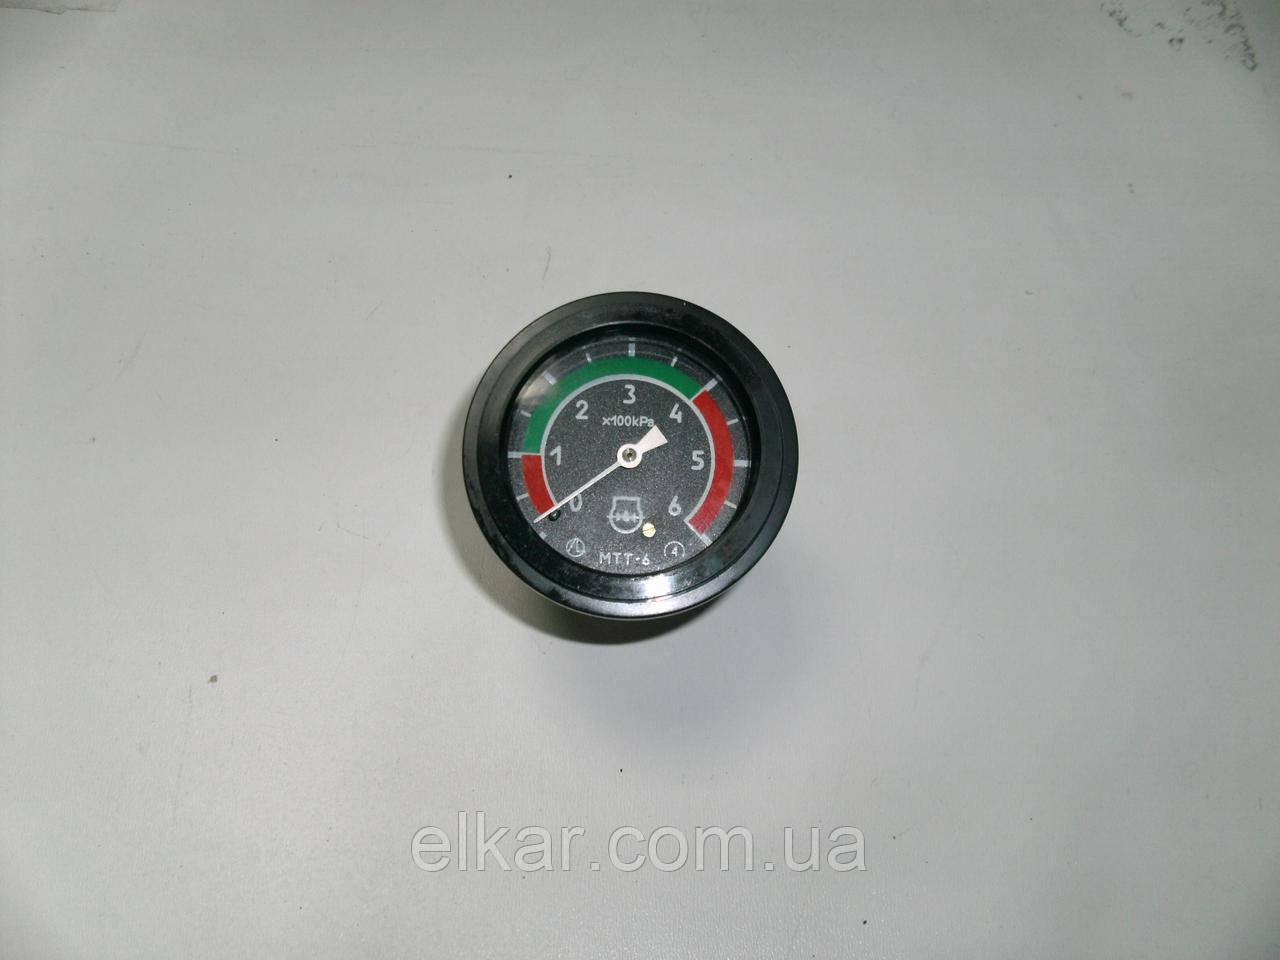 Покажчик тиску масла (6 атм.) Т-150, ХТЗ-17221 МТТ-6 (вир-во Білорусь)